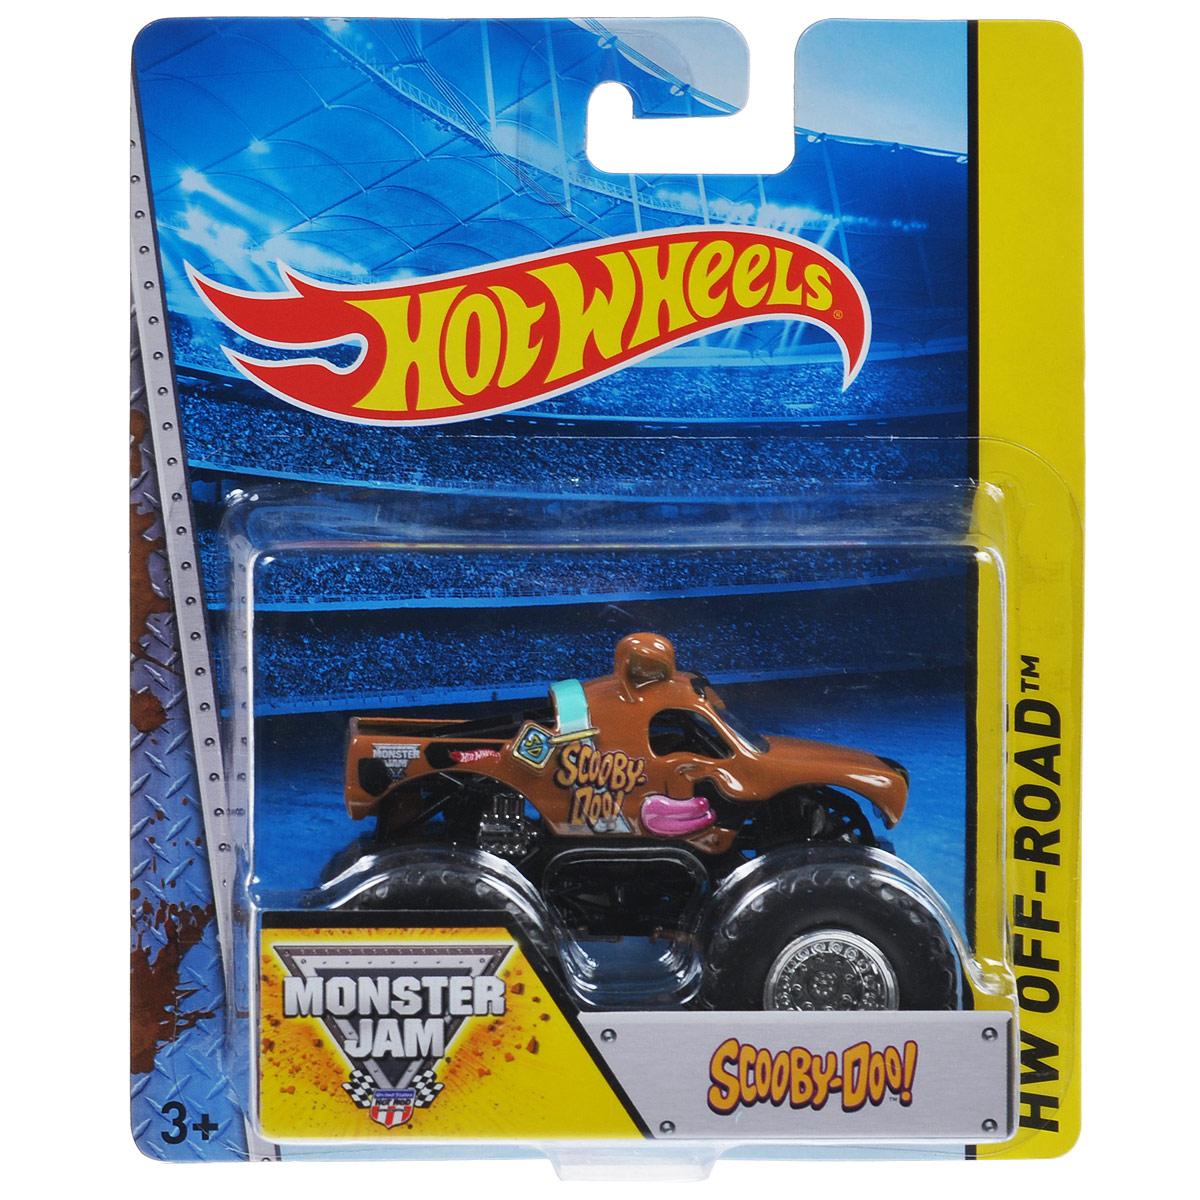 Hot Wheels Monster Jam Машинка Scooby-DooBHP37_DRR66Машинка Hot Wheels Monster Jam. Scooby-Doo - модель с литым корпусом в виде Скуби Ду, оснащенная большими колесами. Сверкающая кабина, хромированные диски и неповторимый тюнинг - то, что выделяет эту модель среди других. Ваш ребенок будет в восторге от такого подарка!